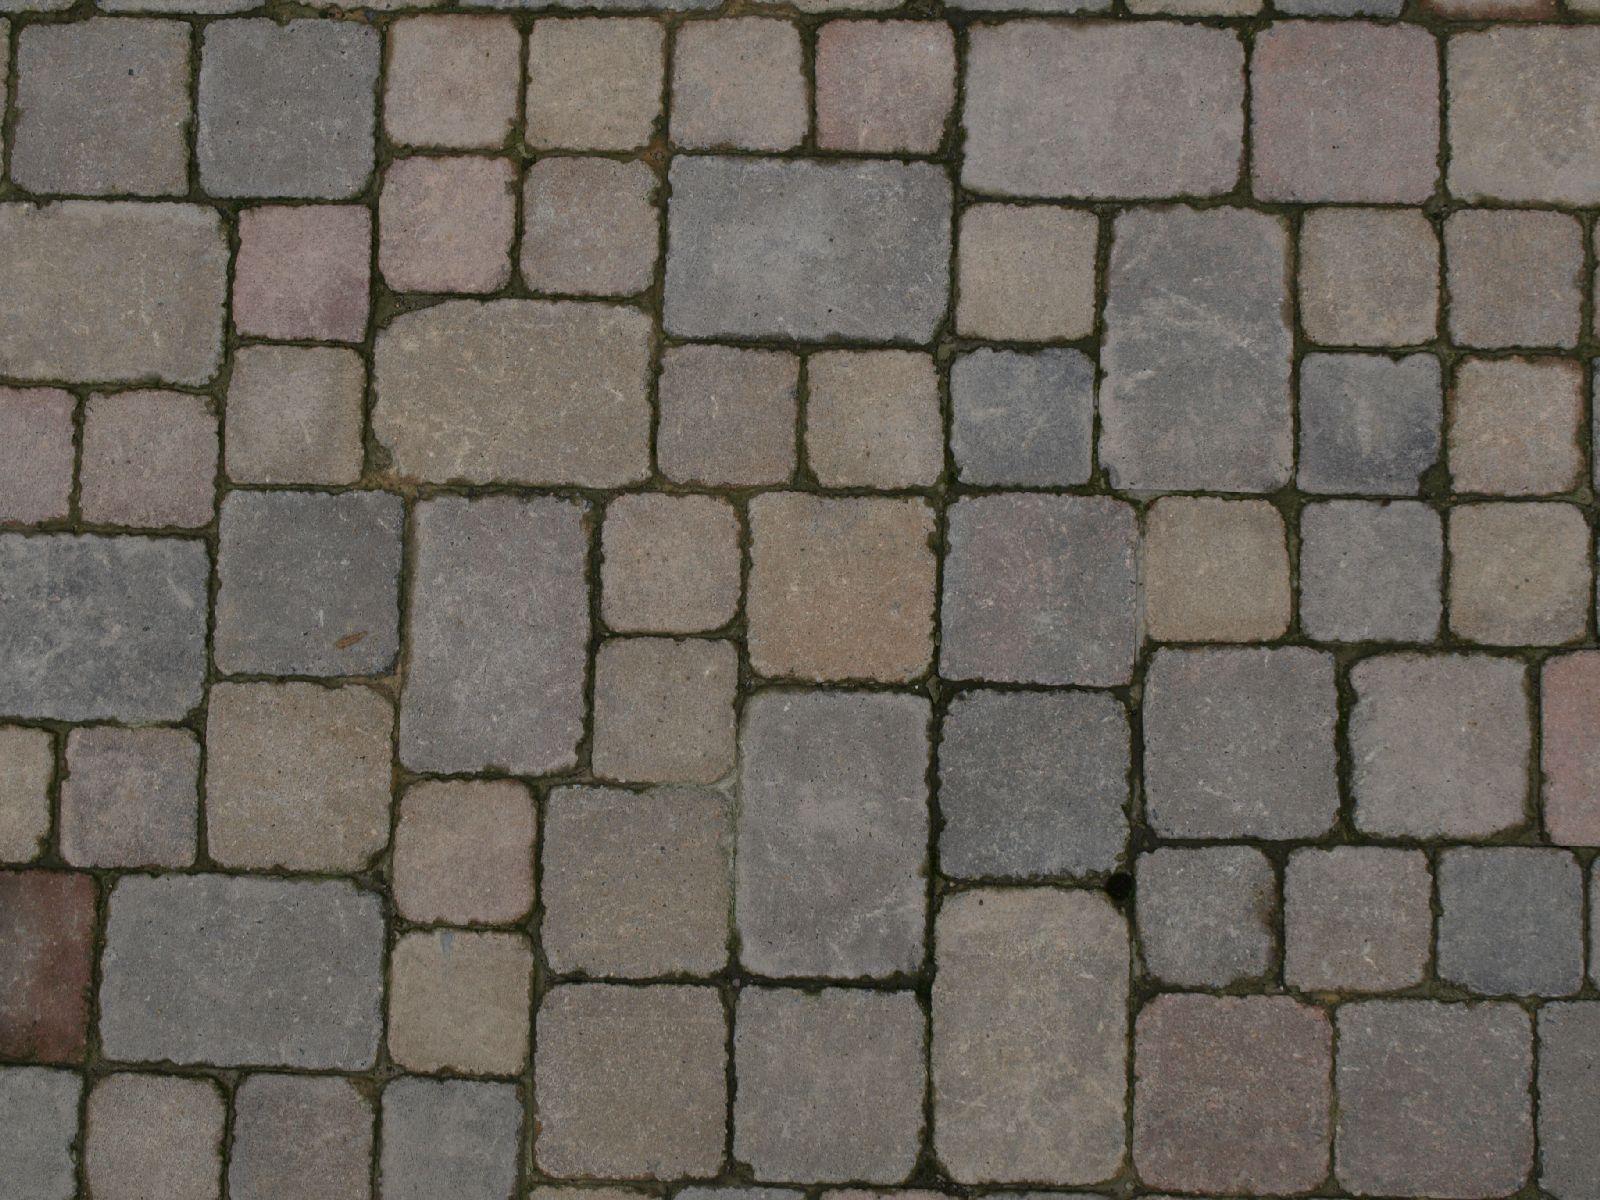 Ground-Urban_Texture_A_P6083347